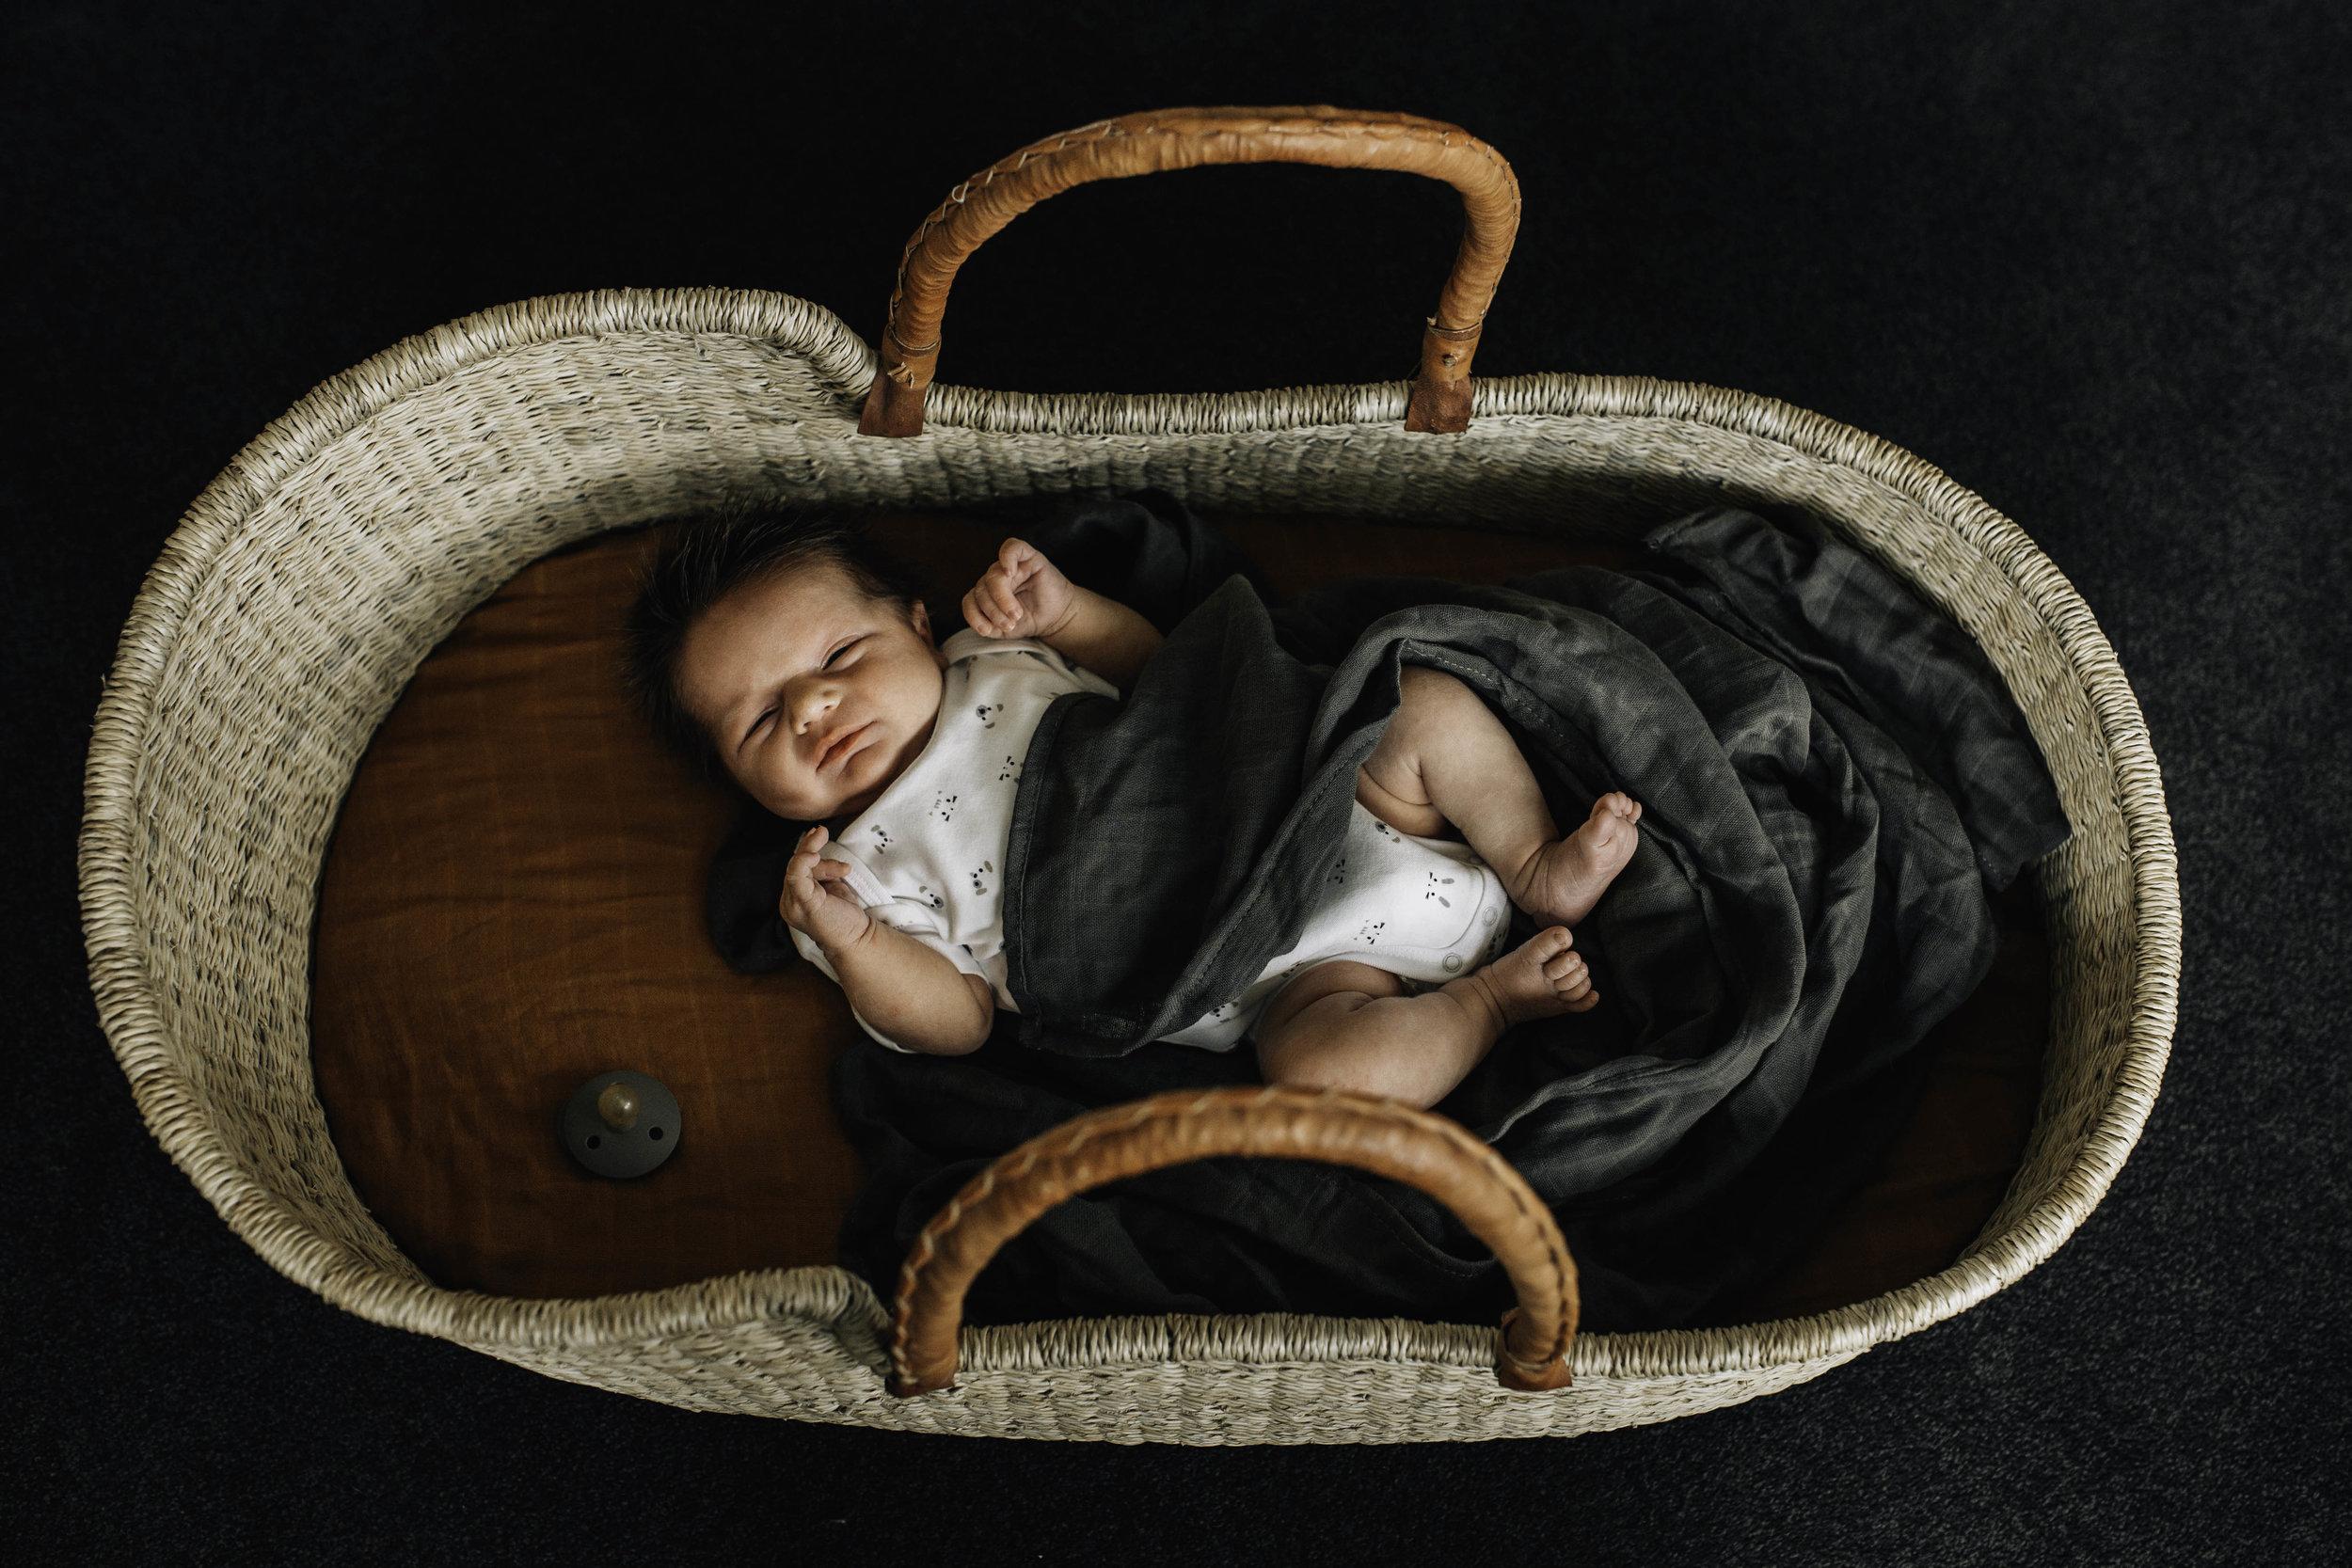 baby-in-basket.jpg